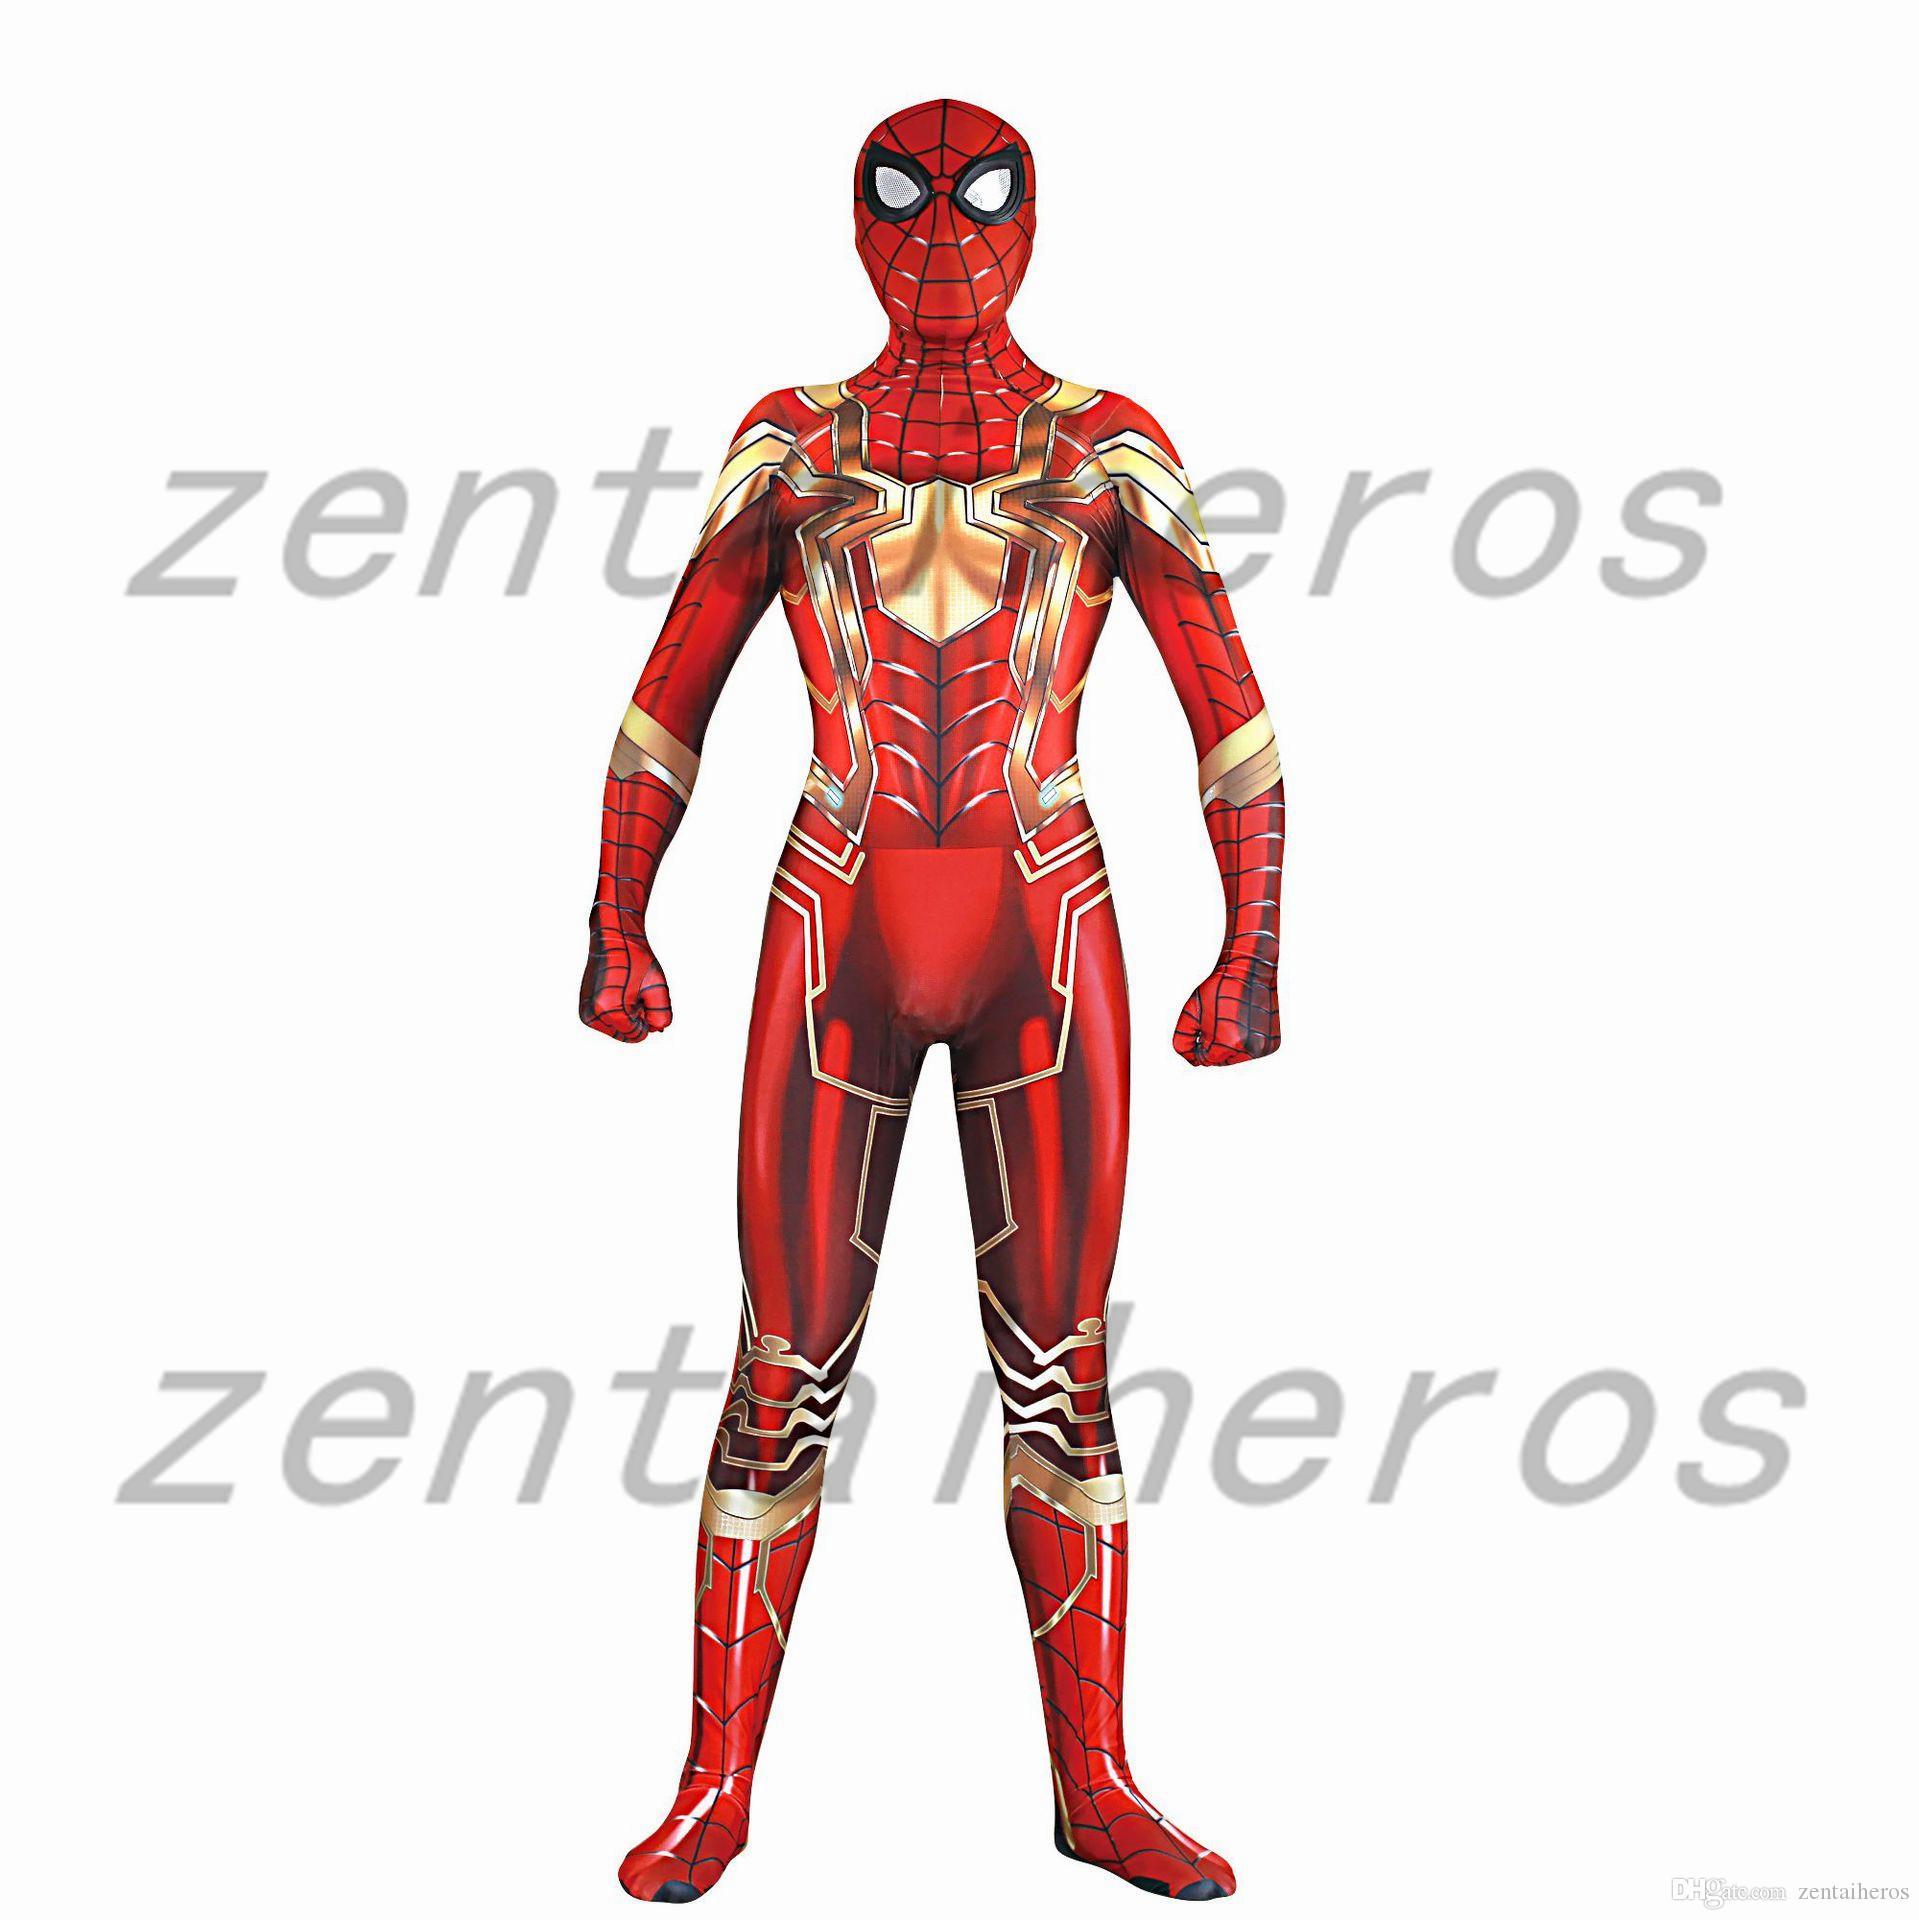 Spider Man Costume Mcu Iron Spider Red & Gold Version Superhero ...